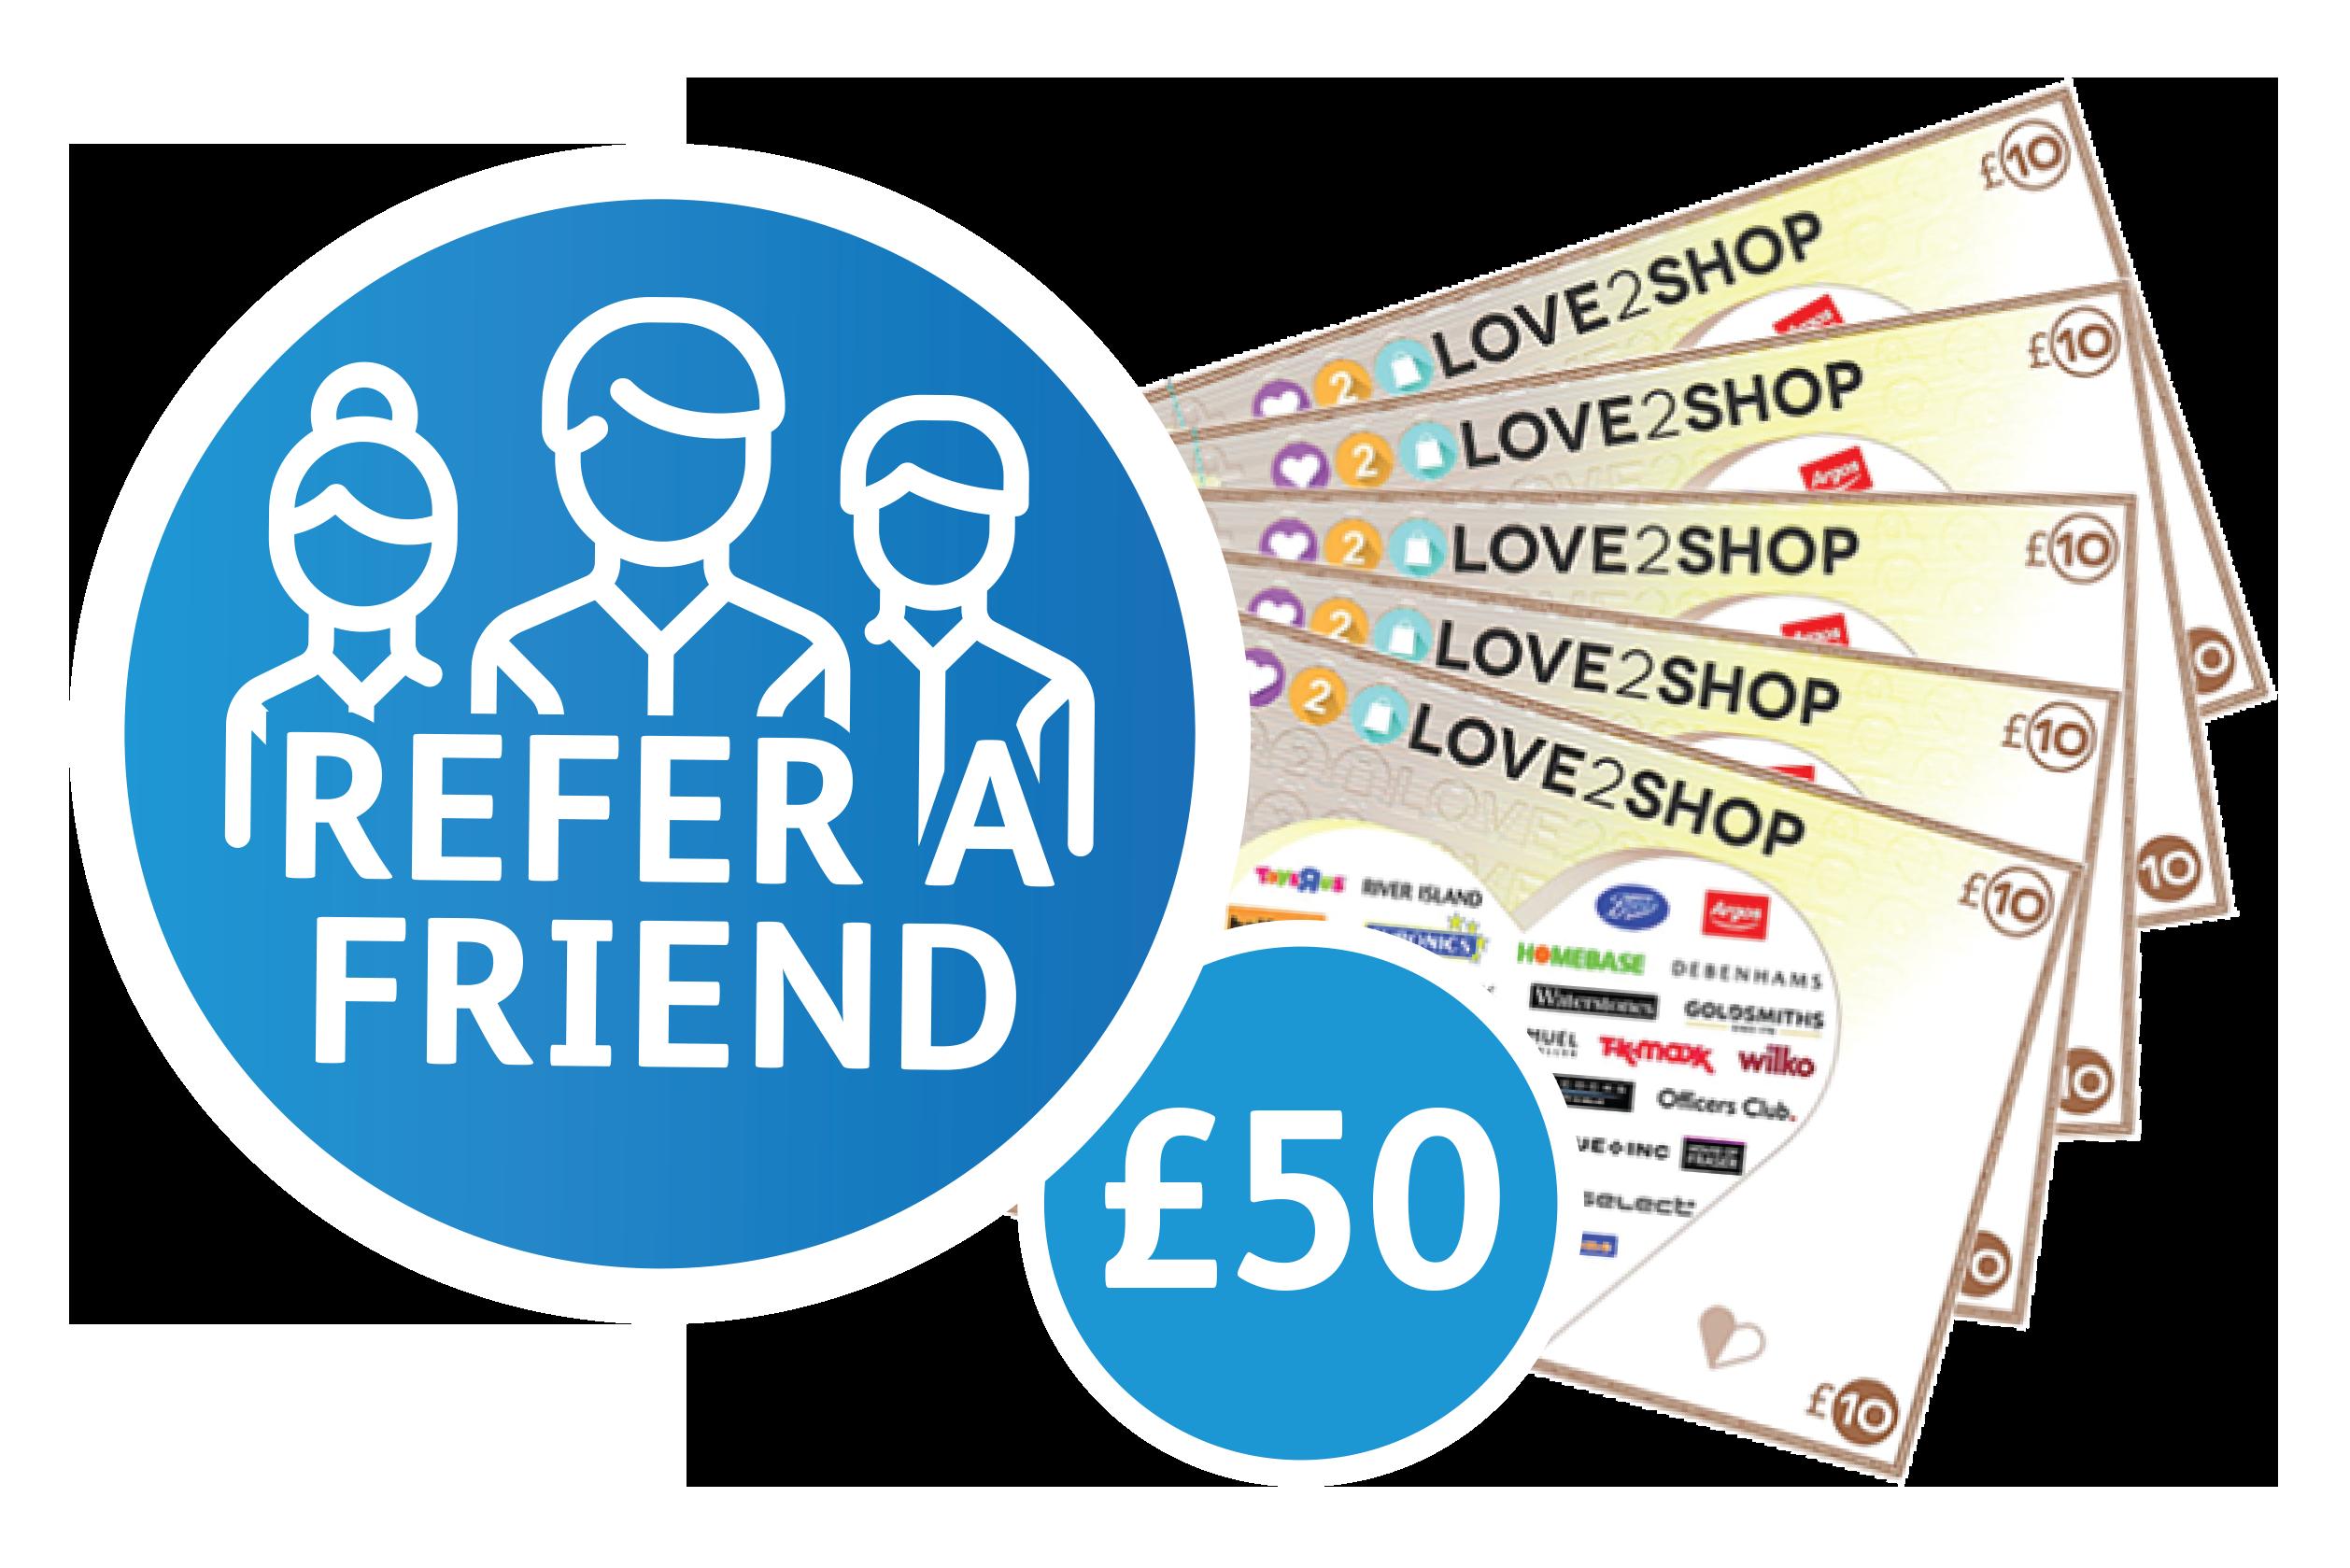 refer-a-friend-£50-love2shop-vouchers